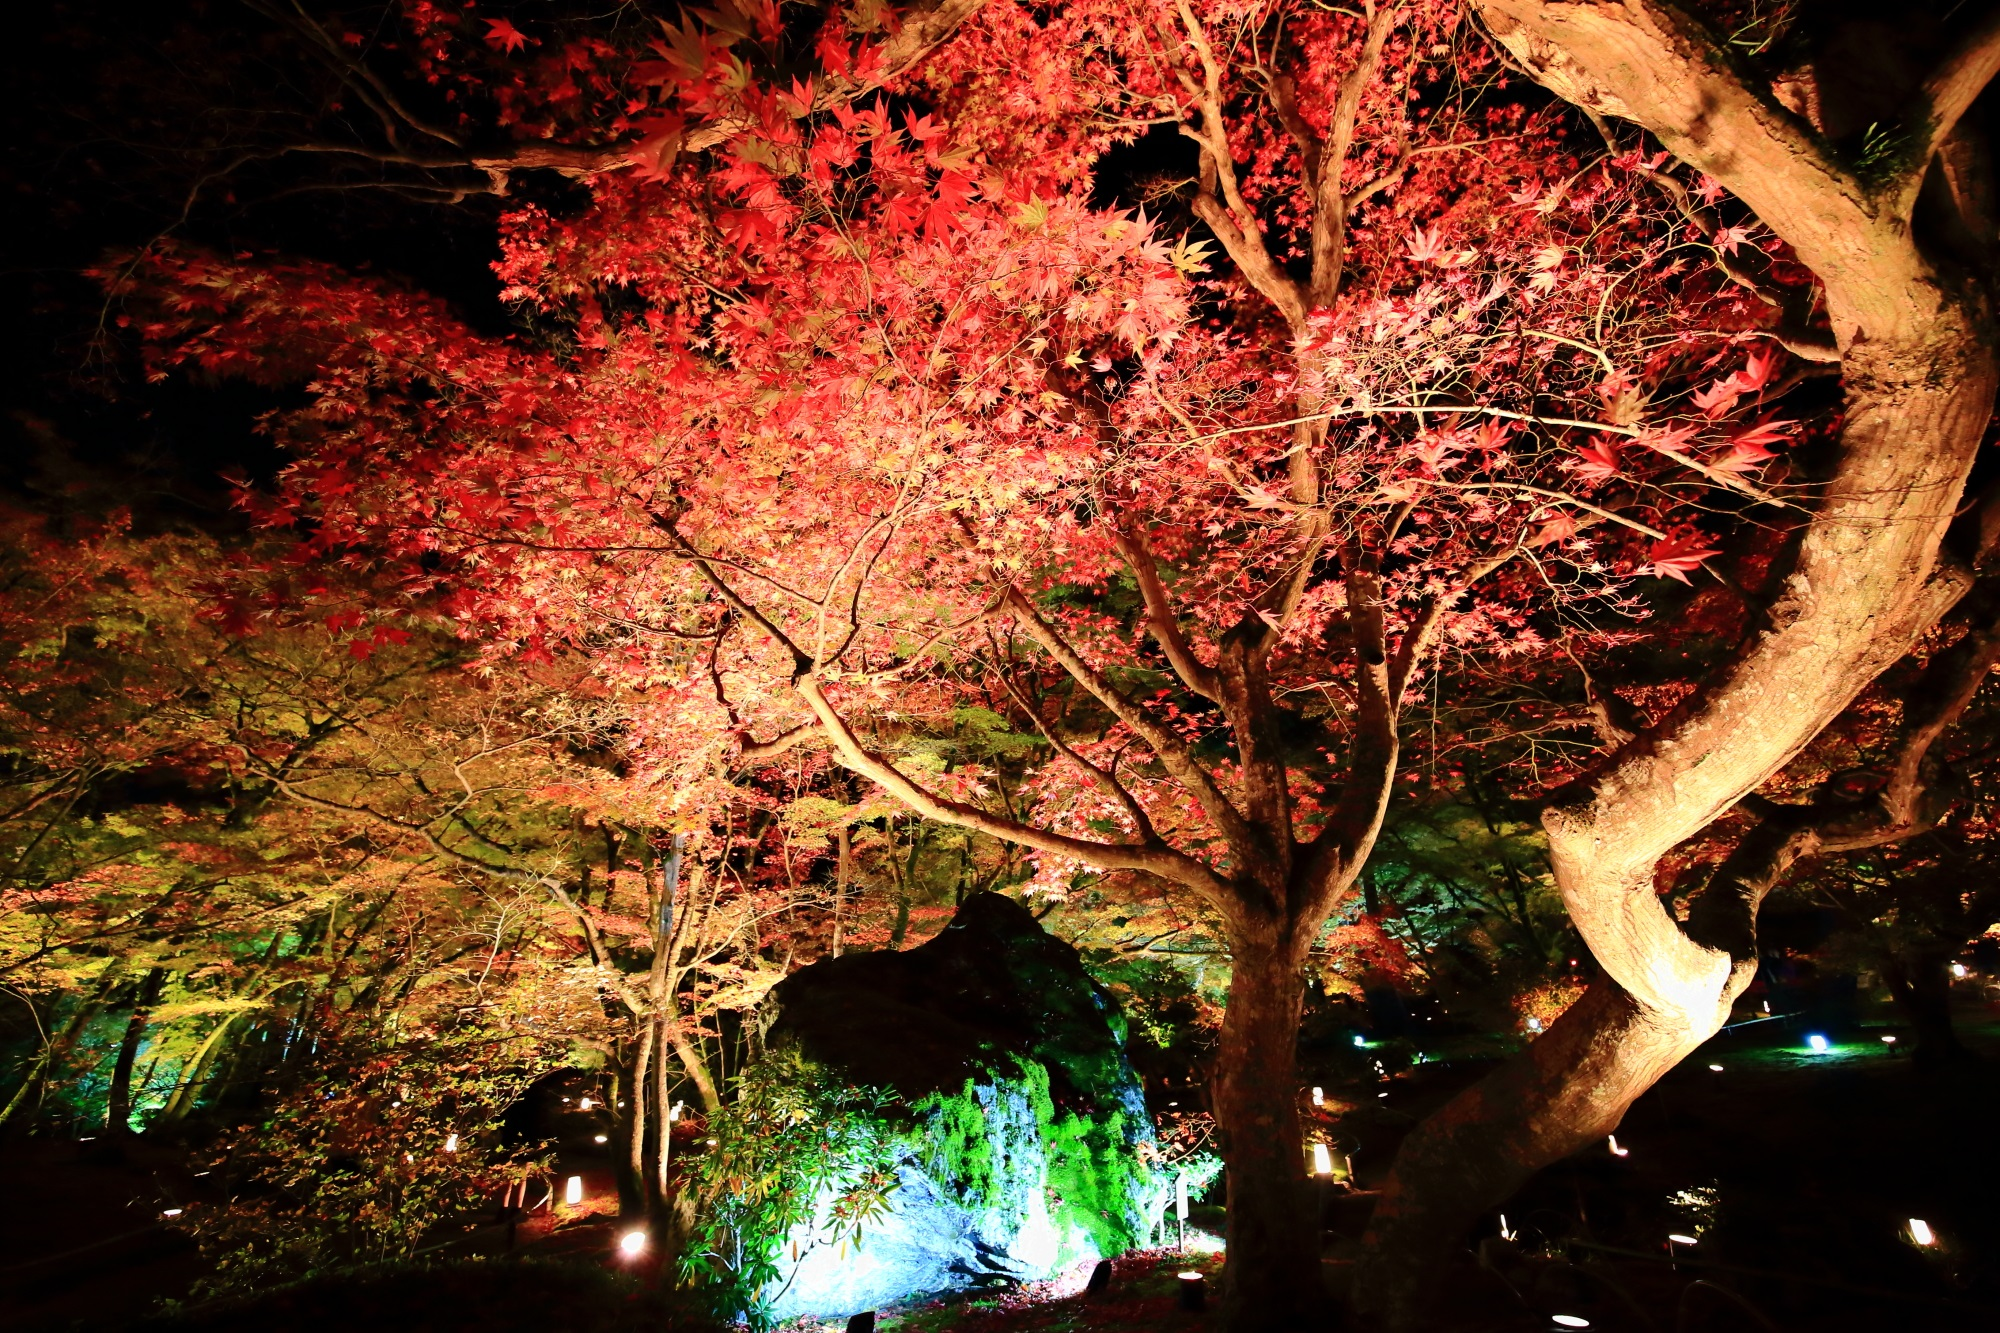 もみじの名所の嵐山宝厳院の獅子庭と鮮やかな紅葉のライトアップ